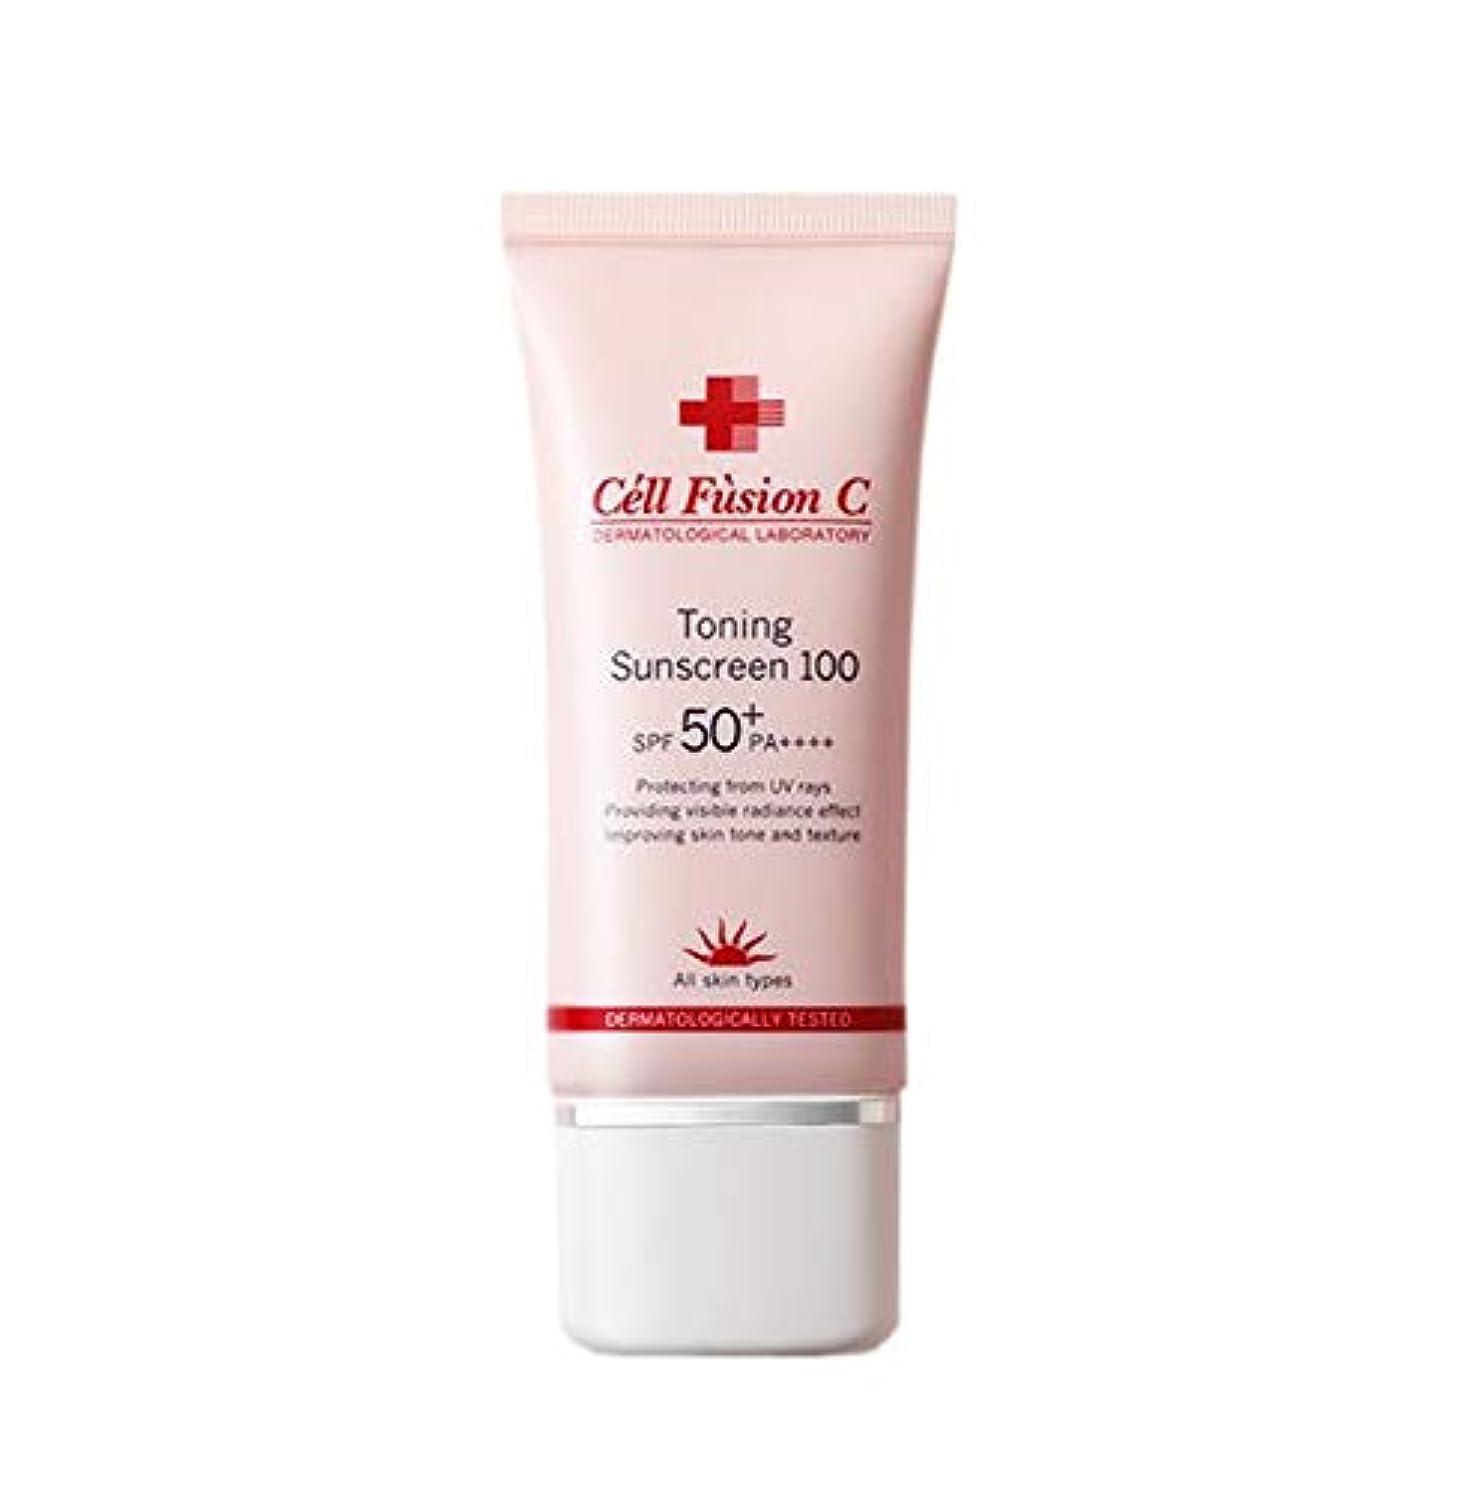 セルフュージョンCトーニングサンスクリーン Cell Fusion C Toning Sunscreen 100 (35ml) SPF 50+ / PA ++++ 韓国日焼け止め